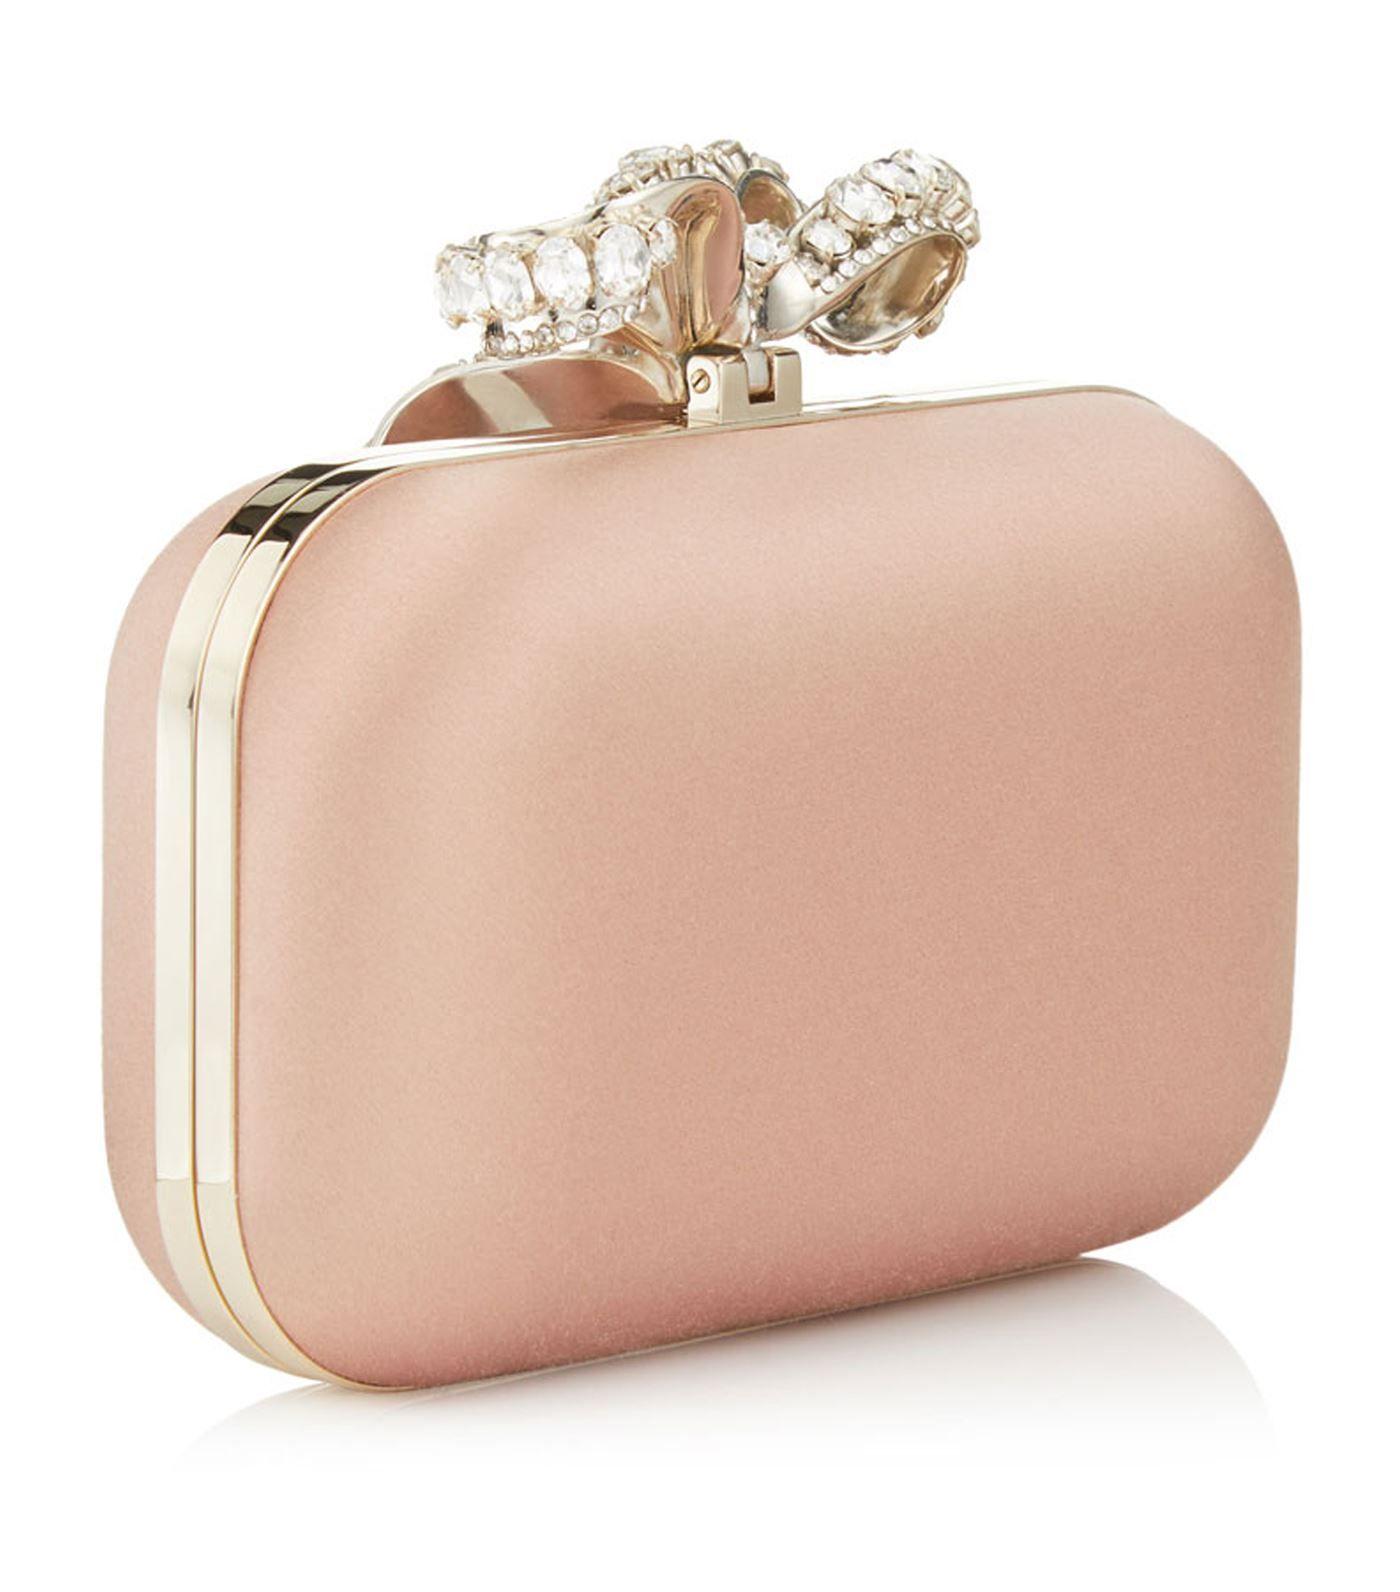 78625b37a41 Jimmy Choo Crystal Bow Cloud Clutch Bag #AD , #AD, #Crystal, #Choo, #Jimmy,  #Bow, #Bag